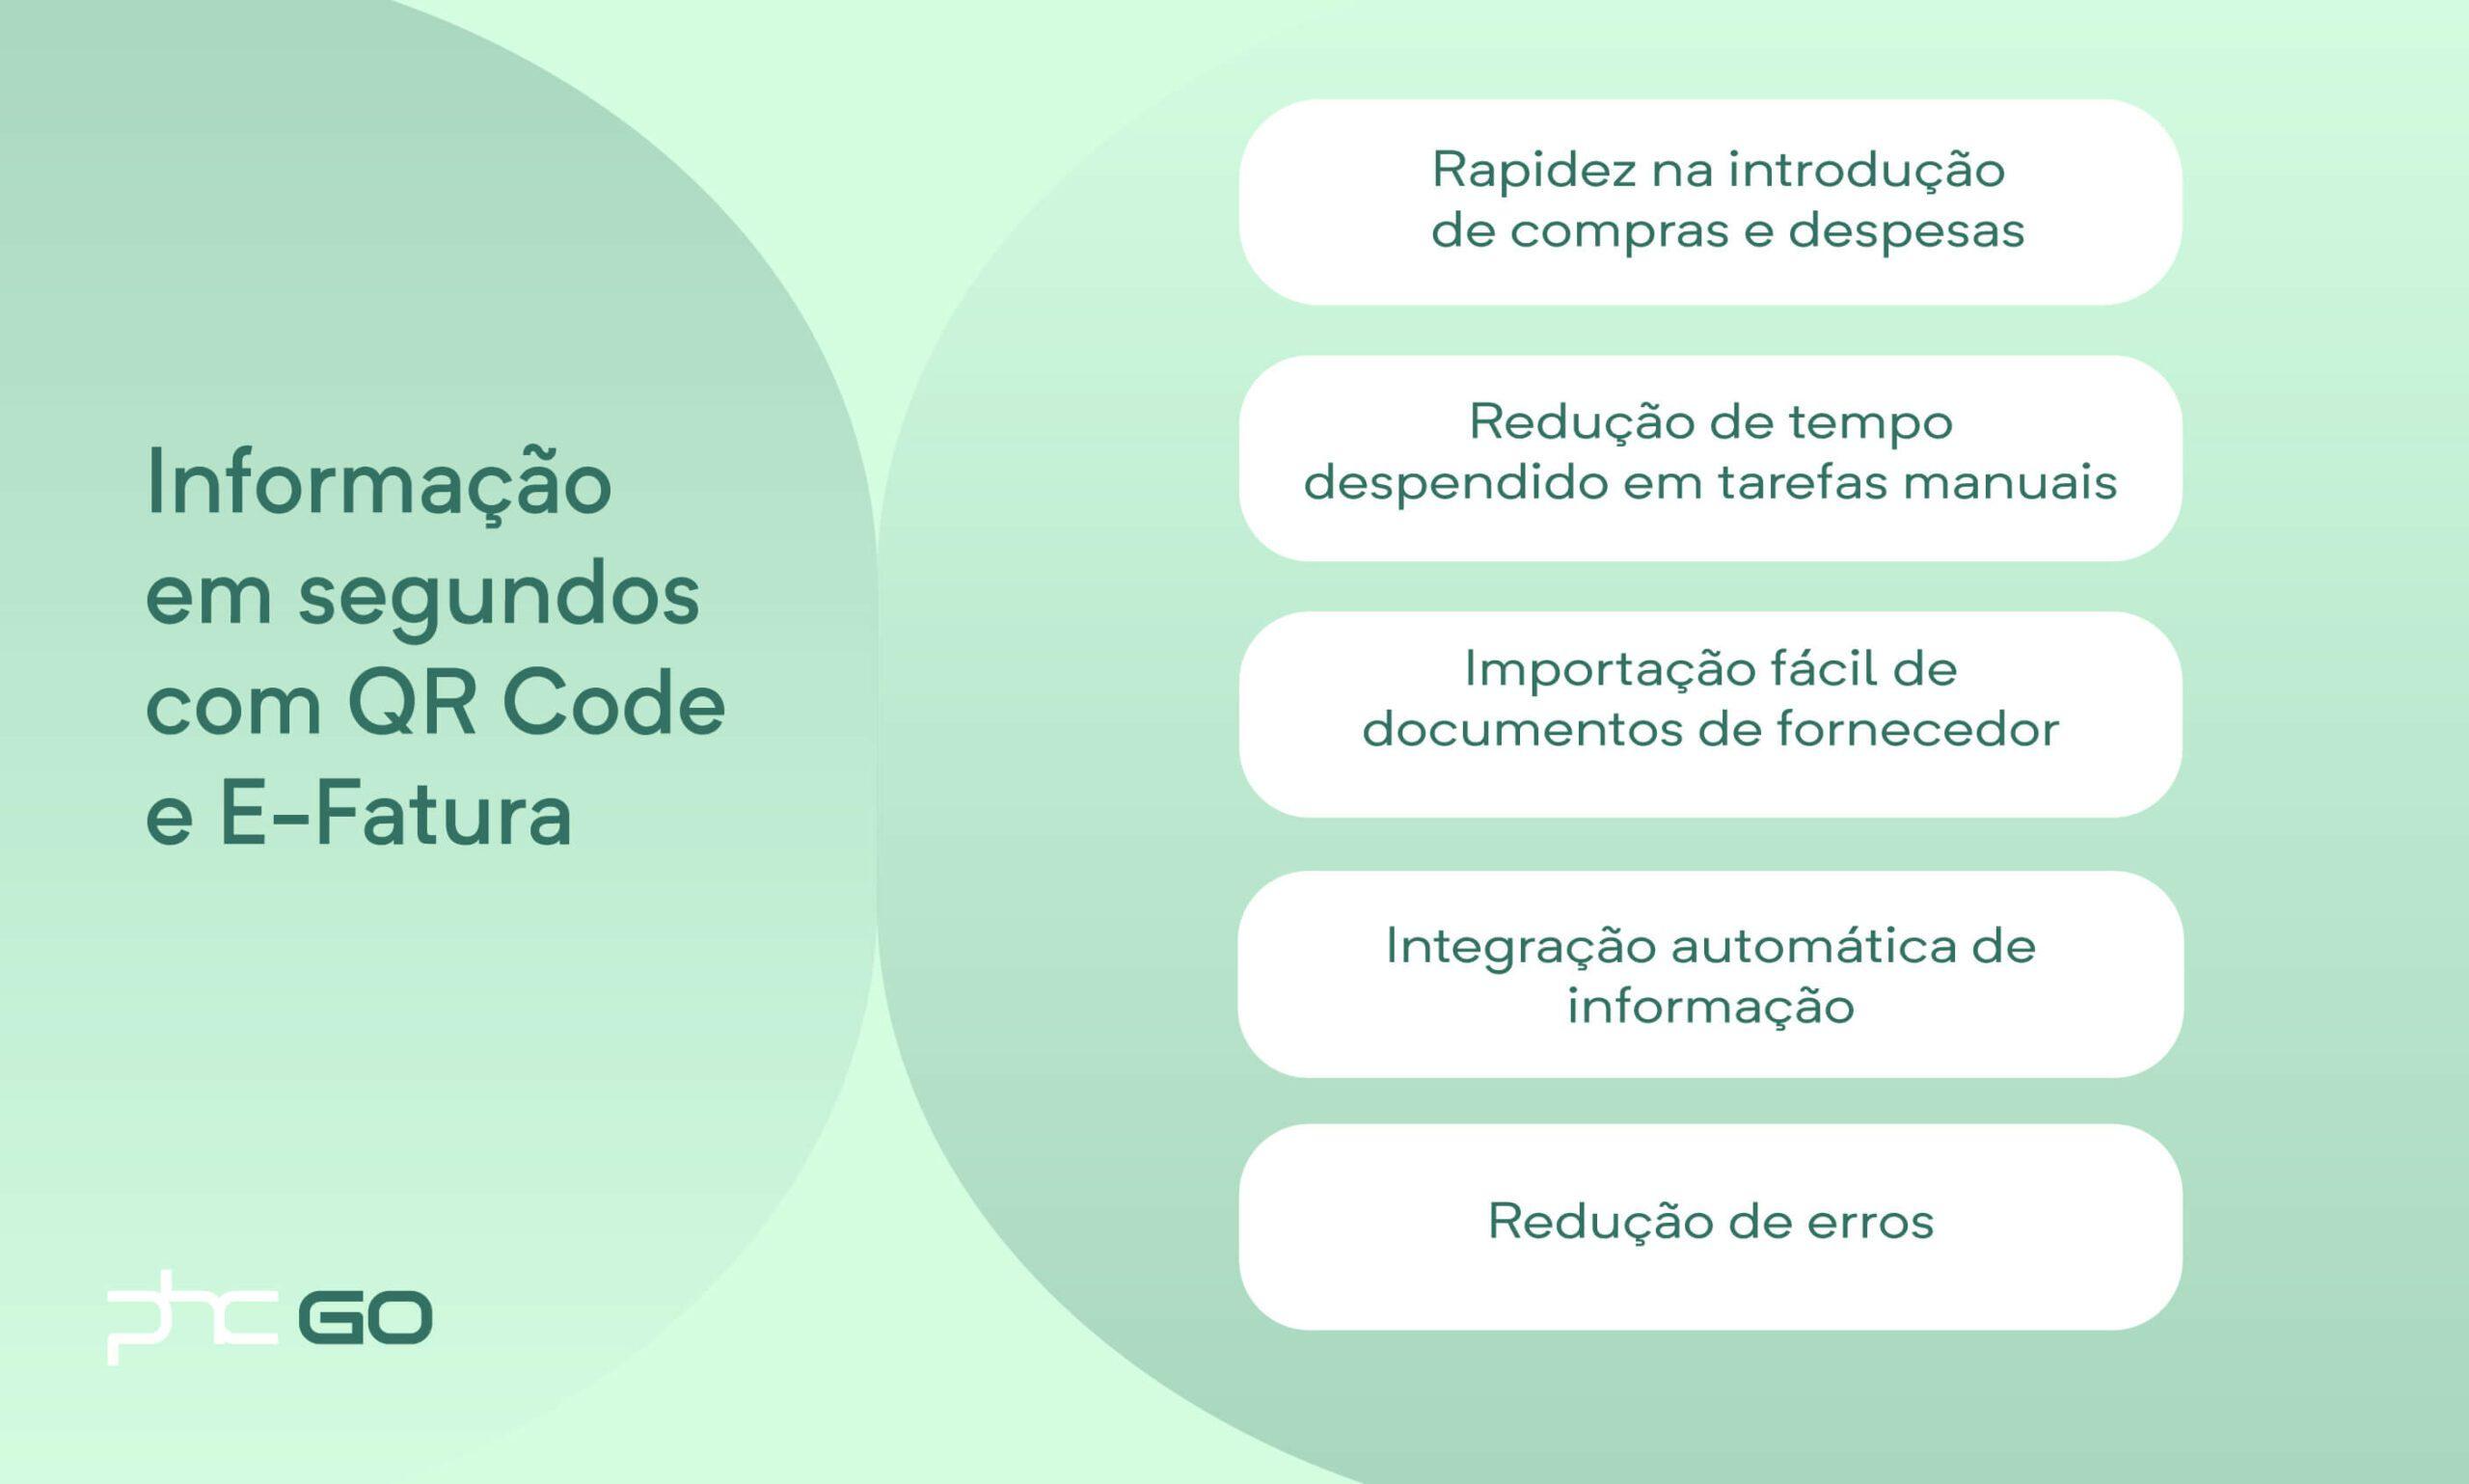 Infográfico sobre as faturas com qr code no software de gestão online PHC GO